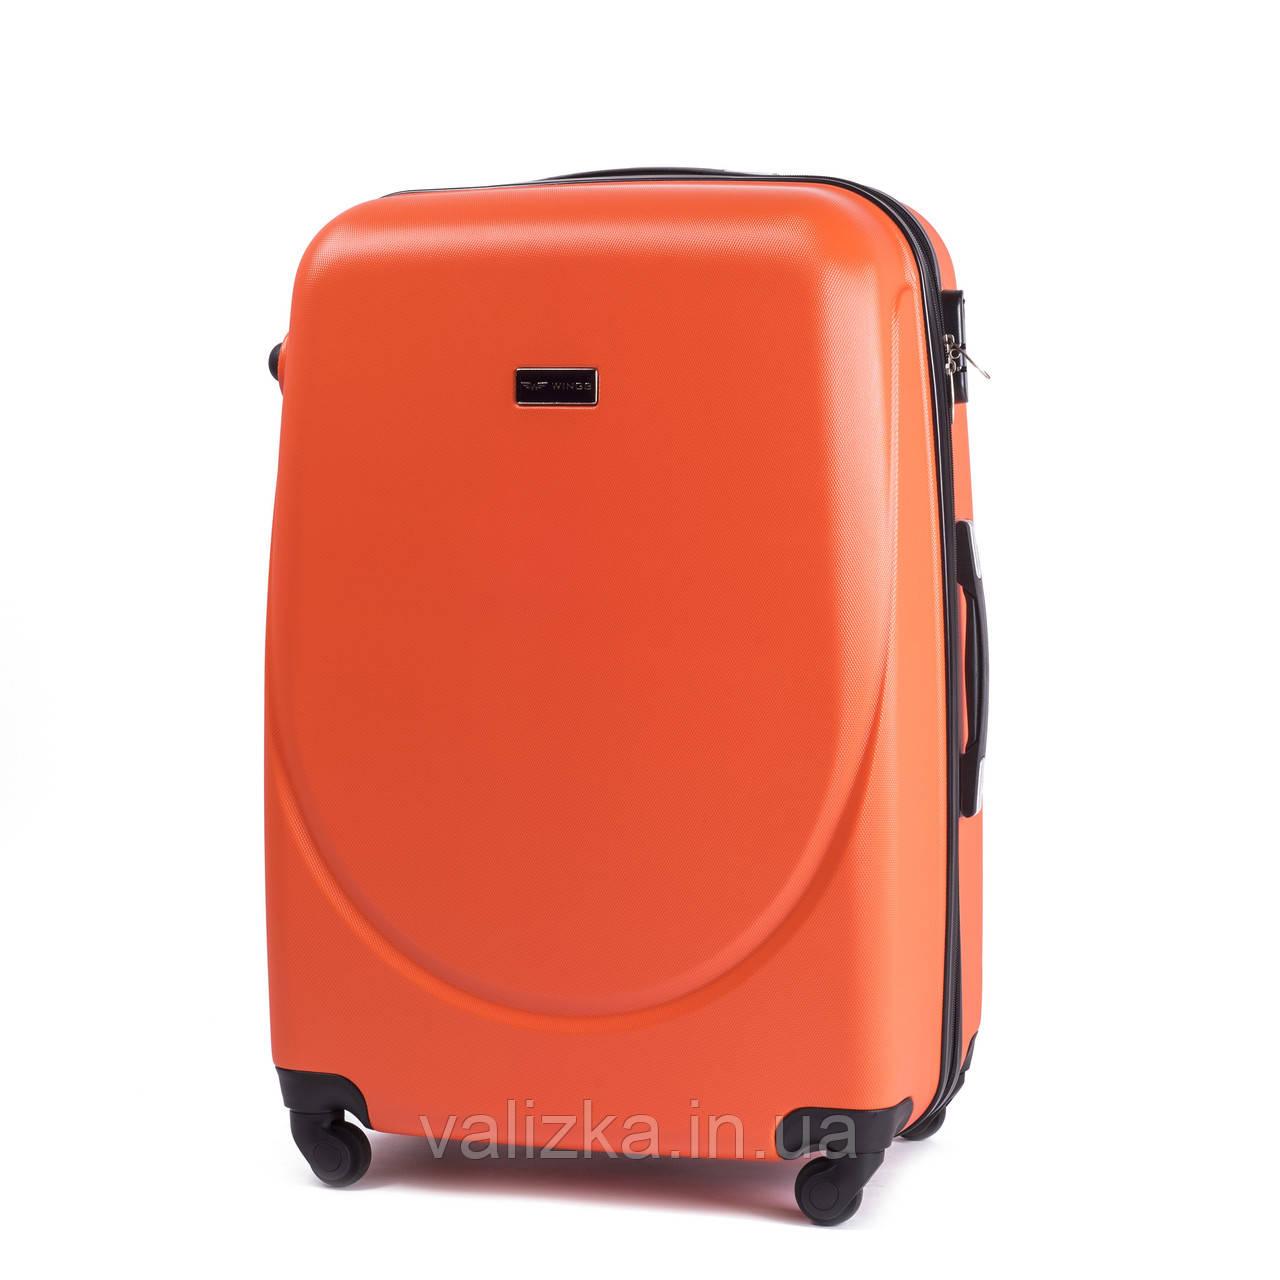 Большой пластиковый чемодан Wings 310  оранжевый